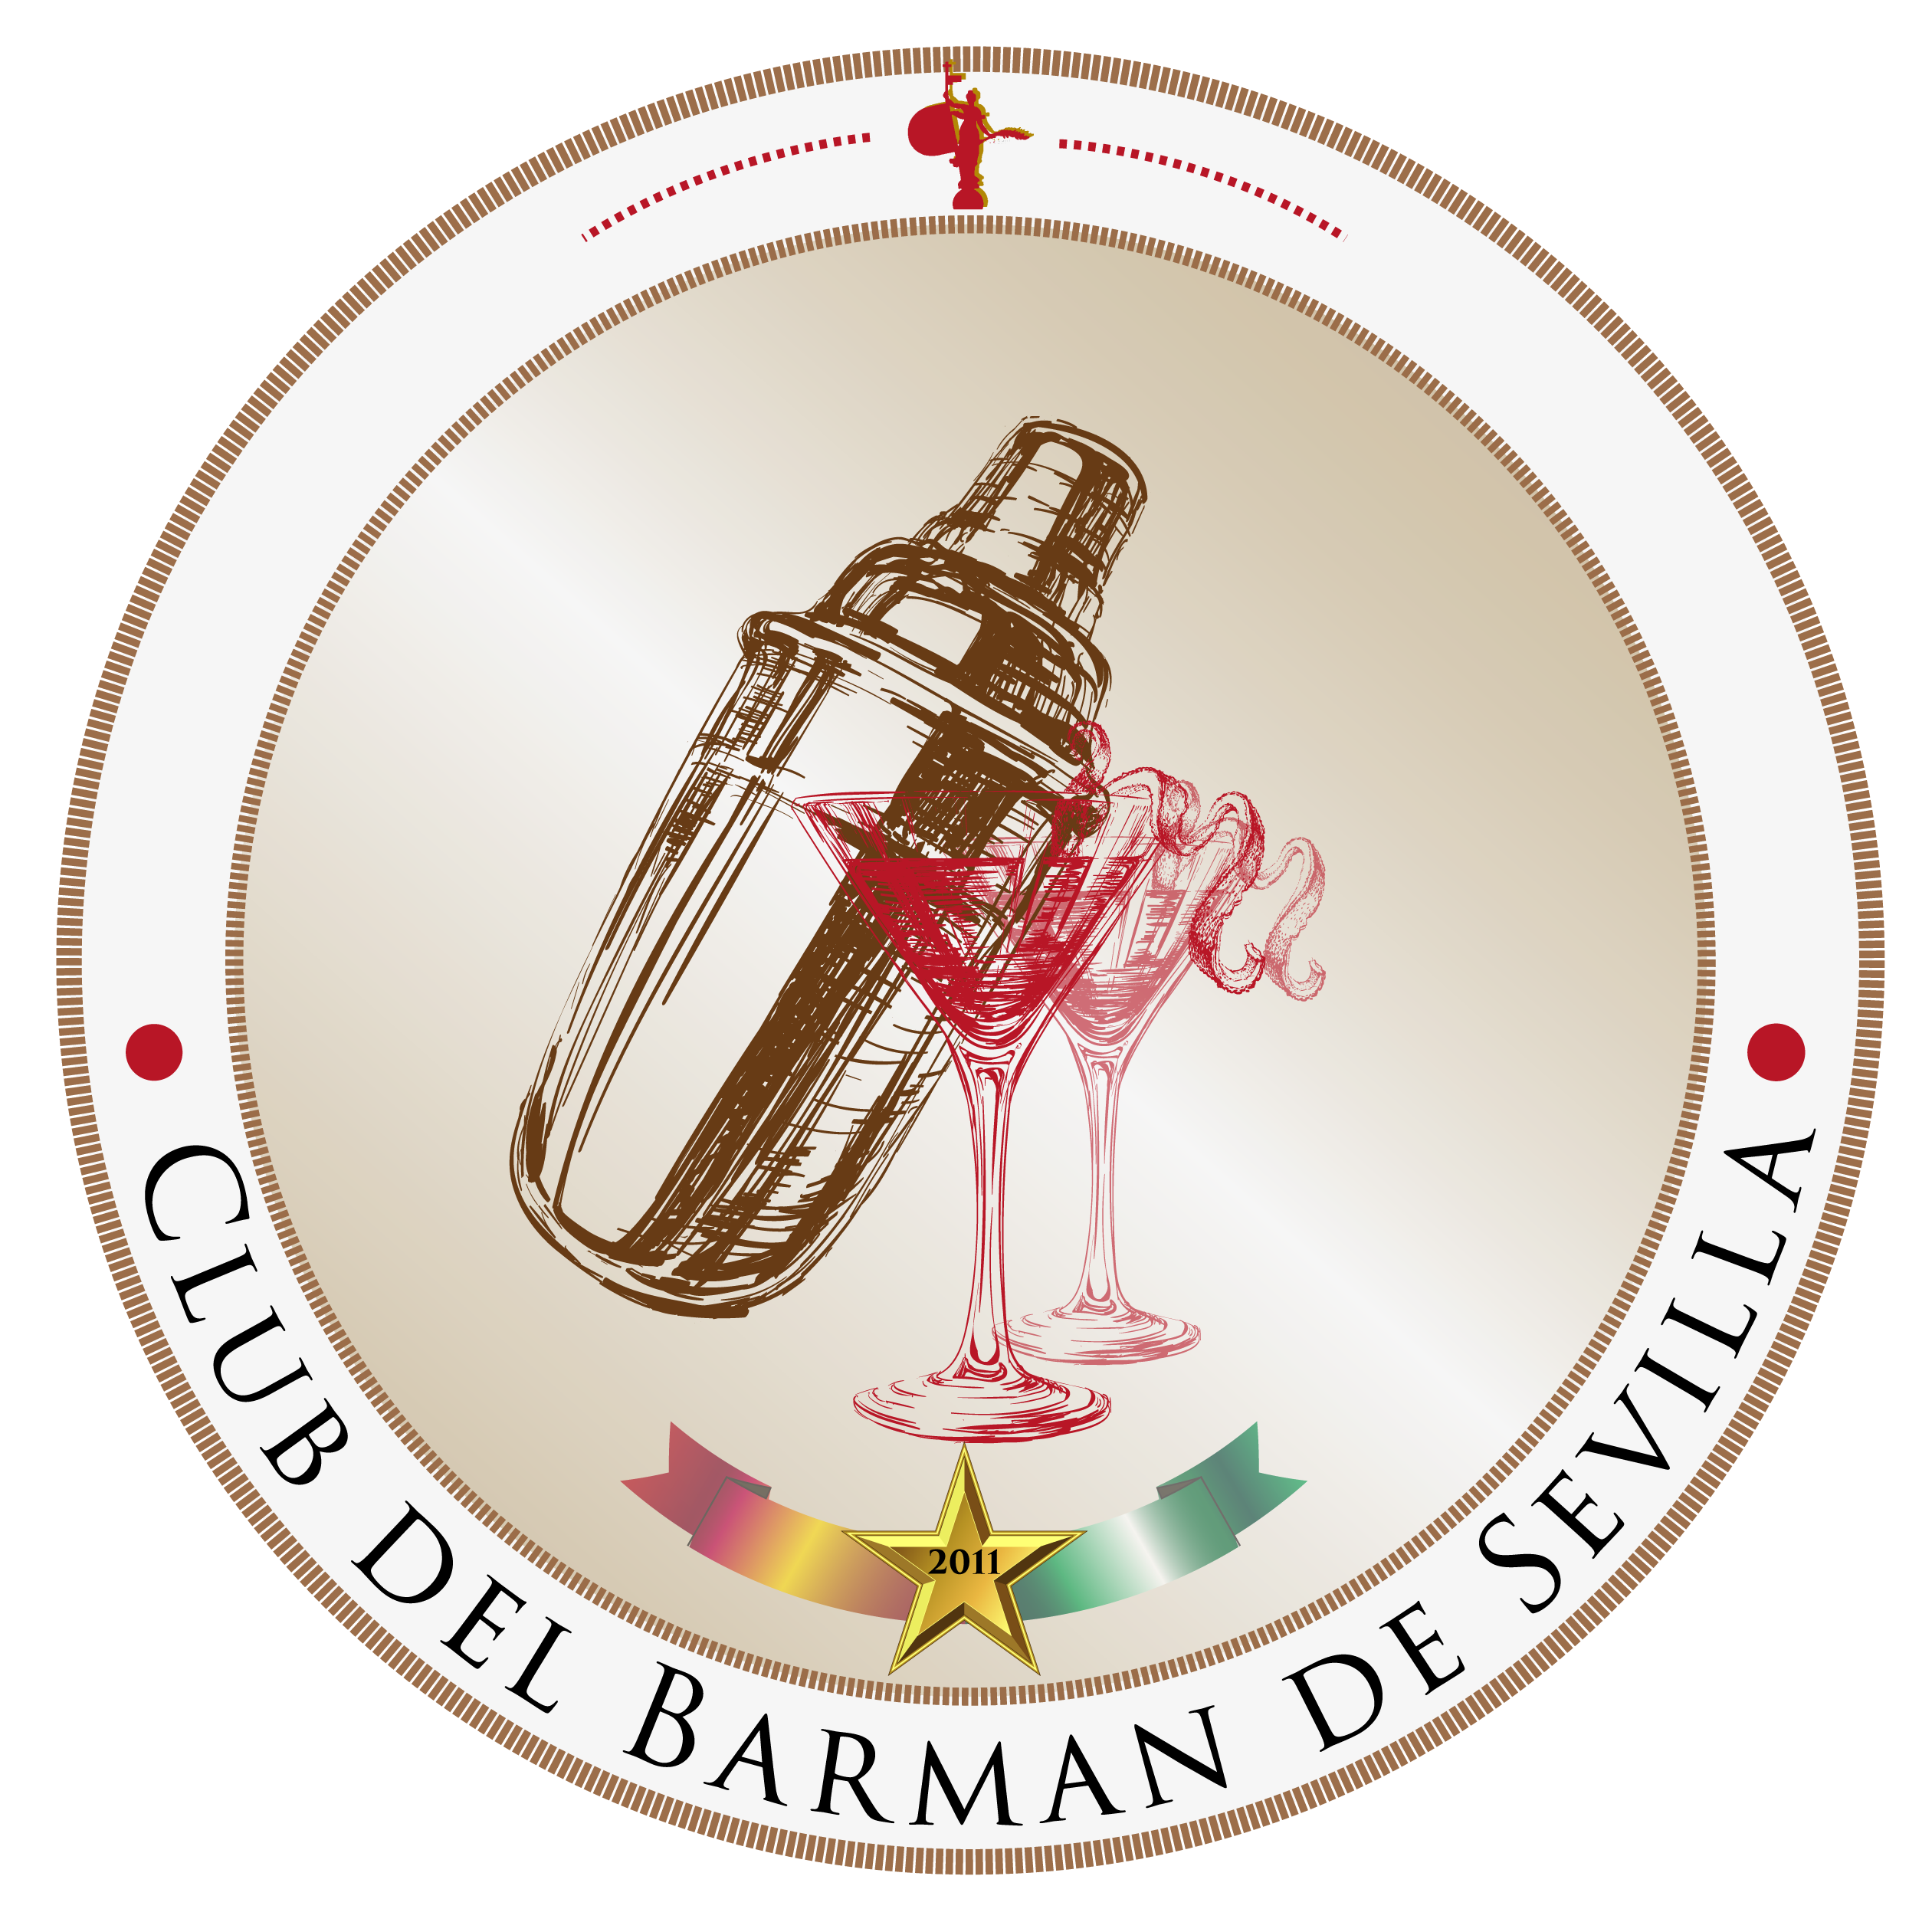 Club del Barman de Sevilla